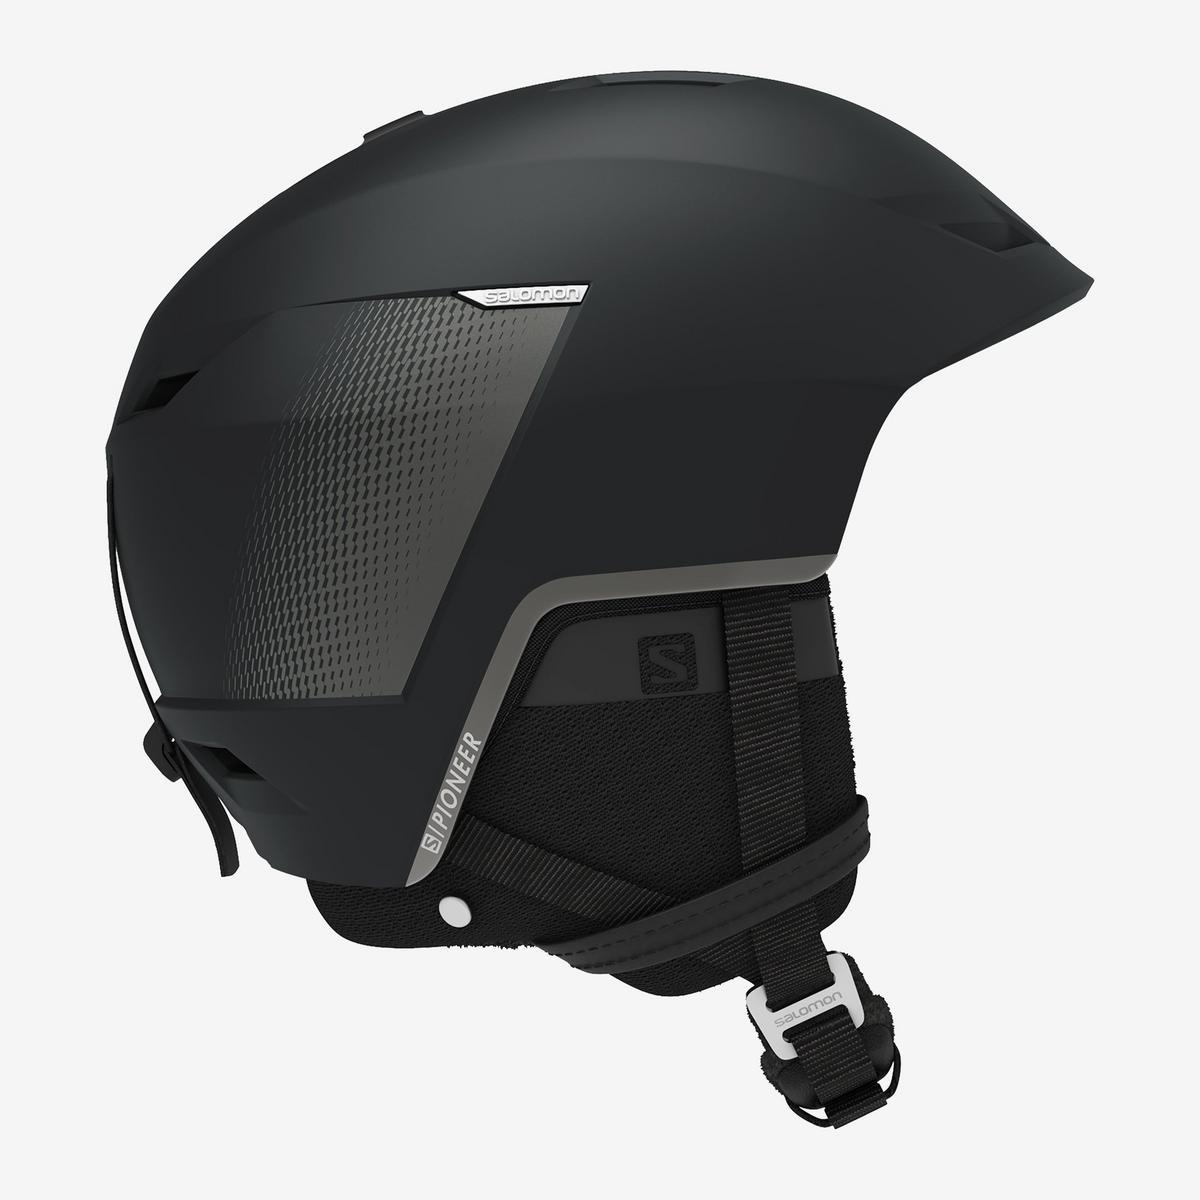 Salomon Pioneer LT CA Helmet - Black